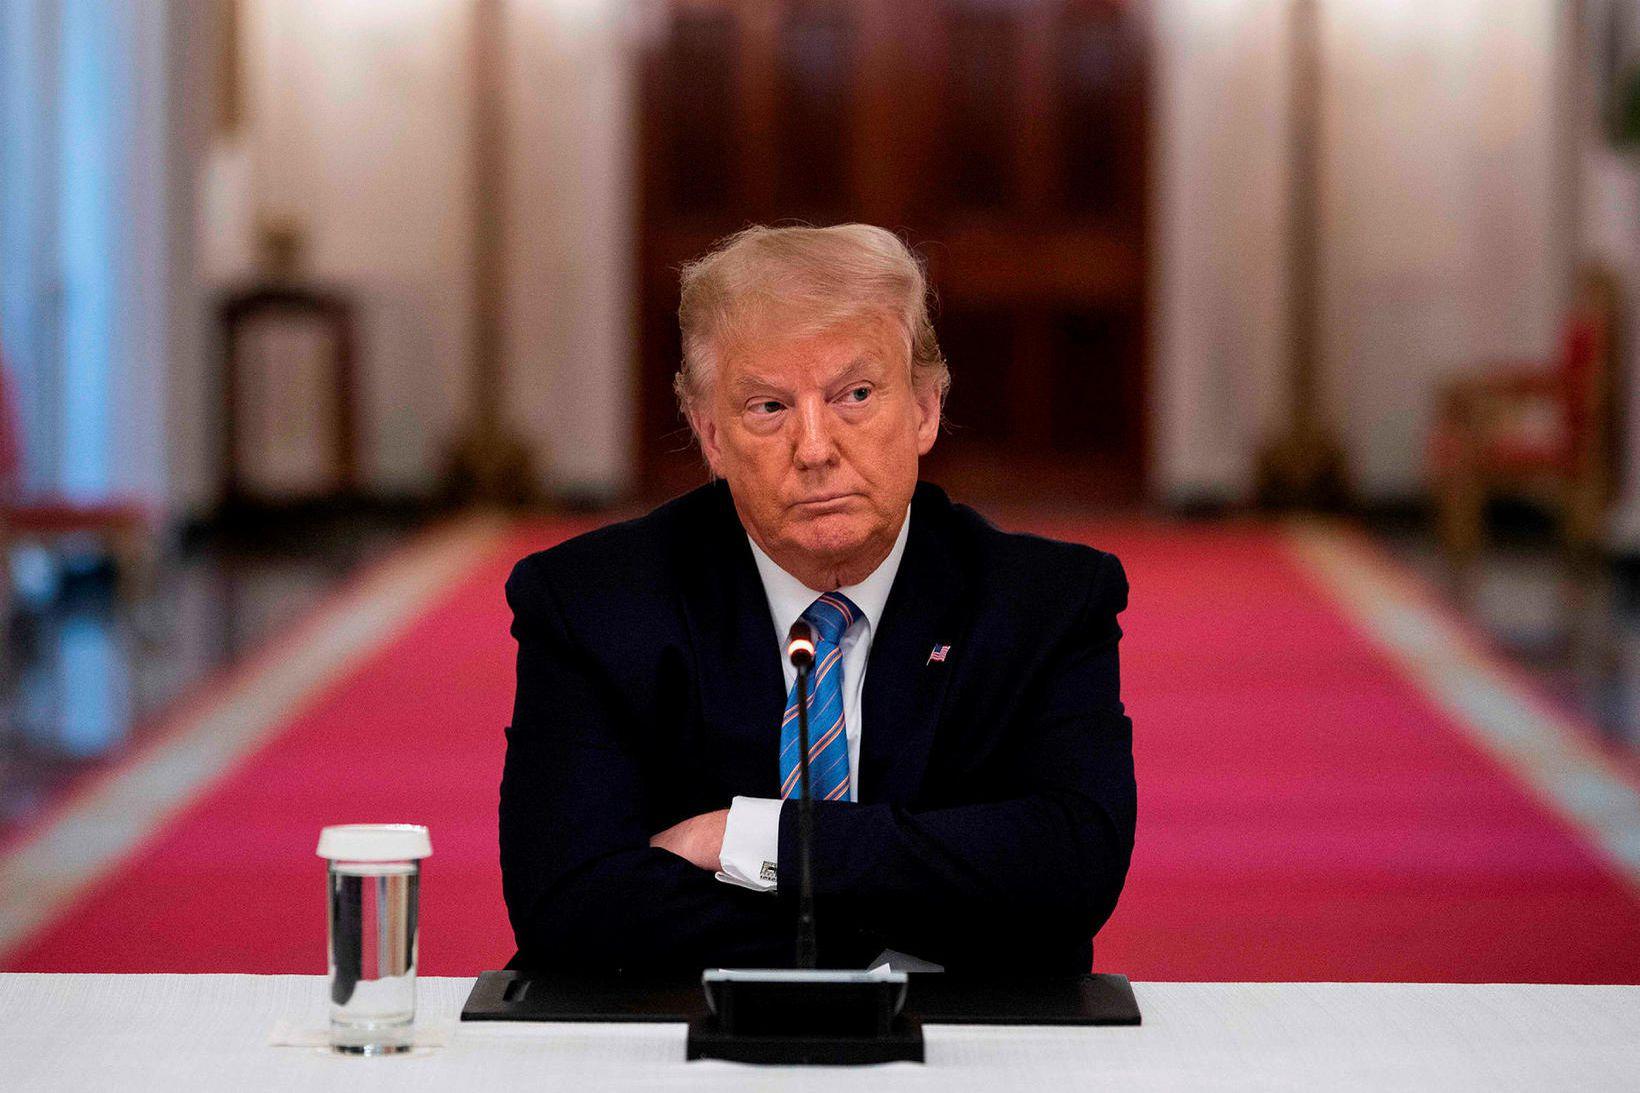 Donald Trump Bandaríkjaforseti er gjarnan ósammála sóttvarnalækni Bandaríkjanna.